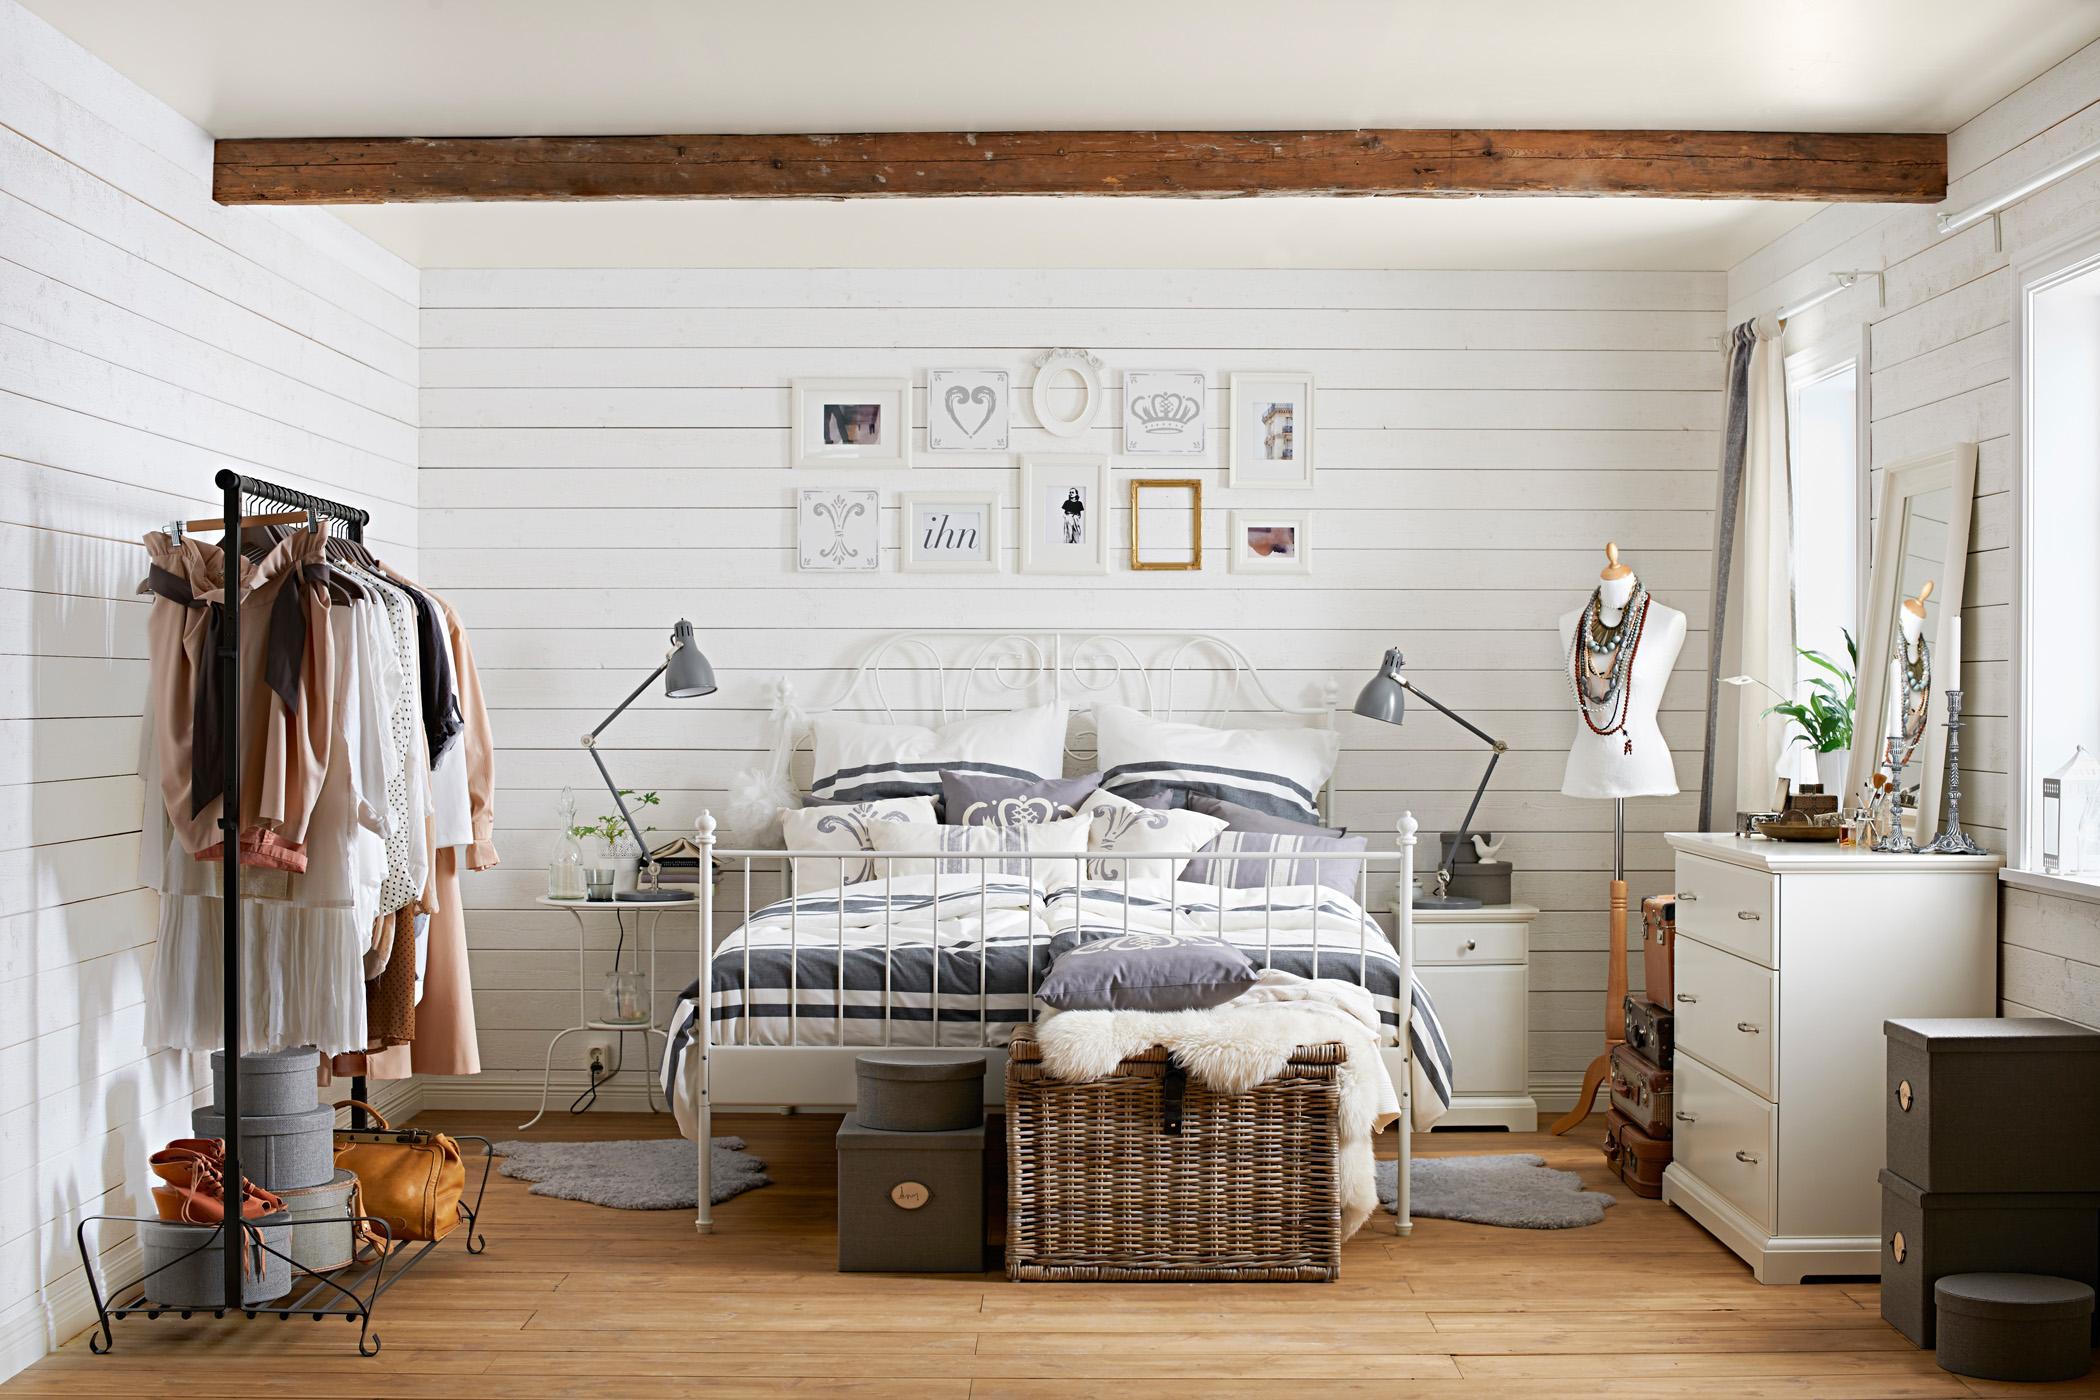 Coole Accessoires Im Schlafzimmer Spiegel Bilderra